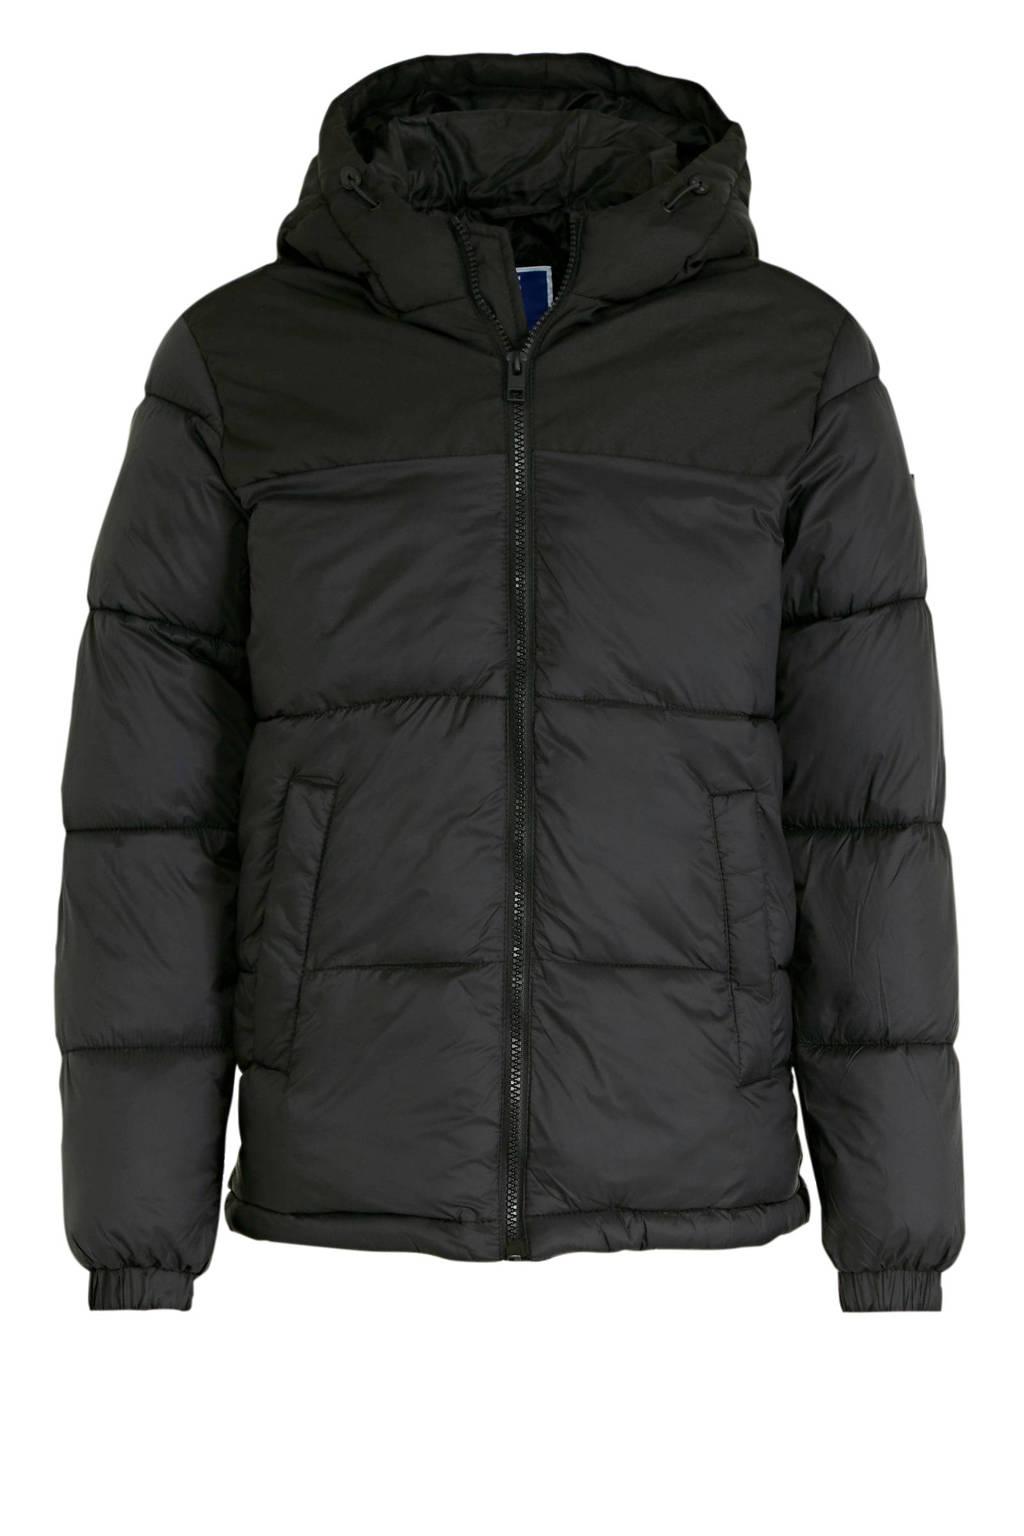 JACK & JONES JUNIOR gewatteerde winterjas Drew zwart, Zwart